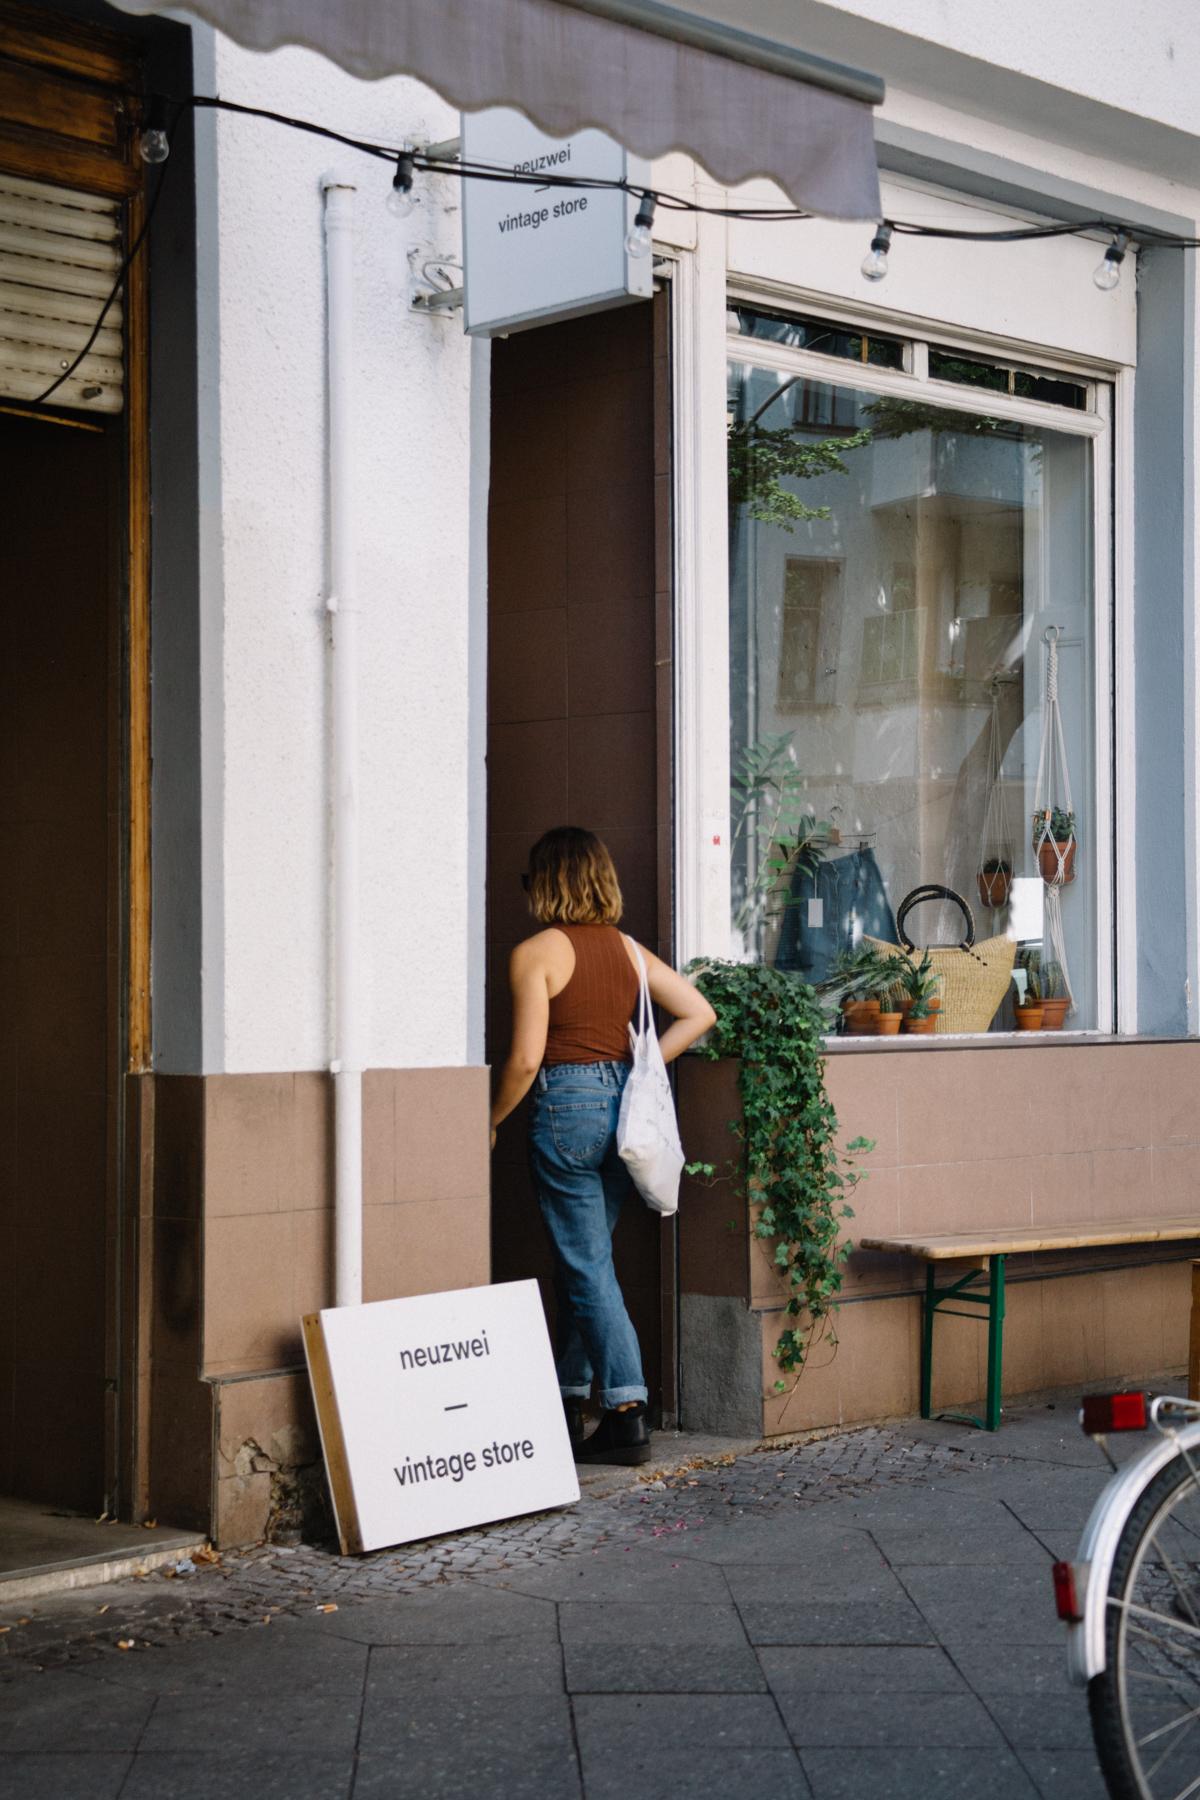 sustainable-shopping-berlin-neukoeln-37.jpg